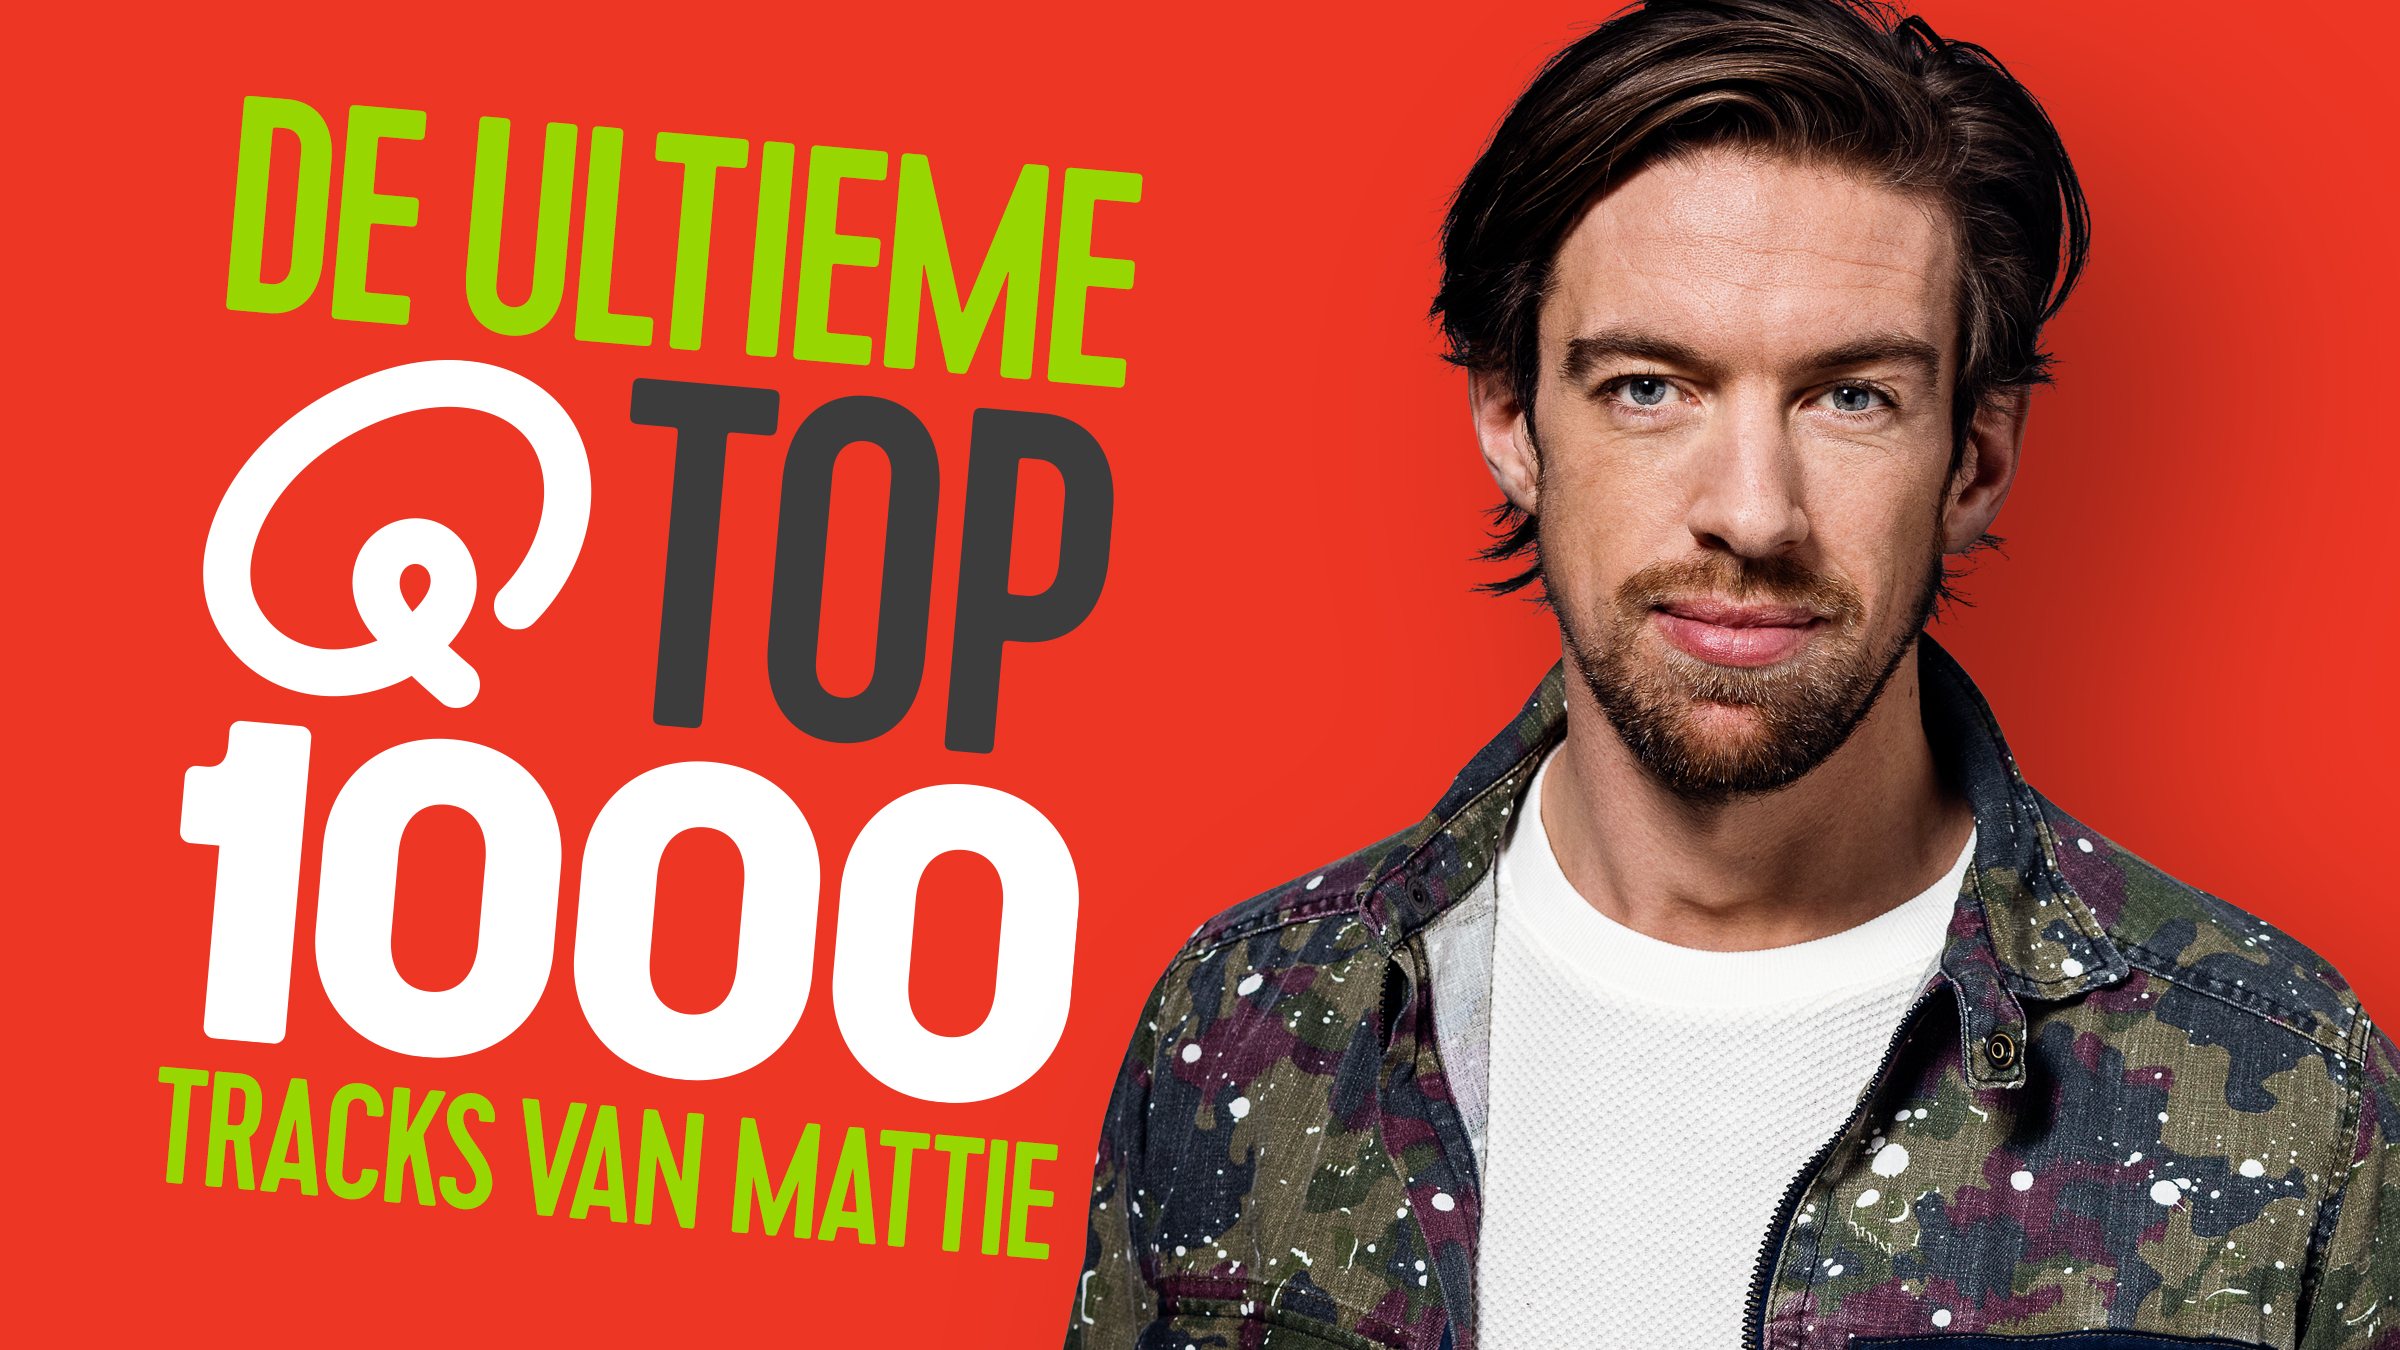 Qmusic teaser qtop1000 dj mattie